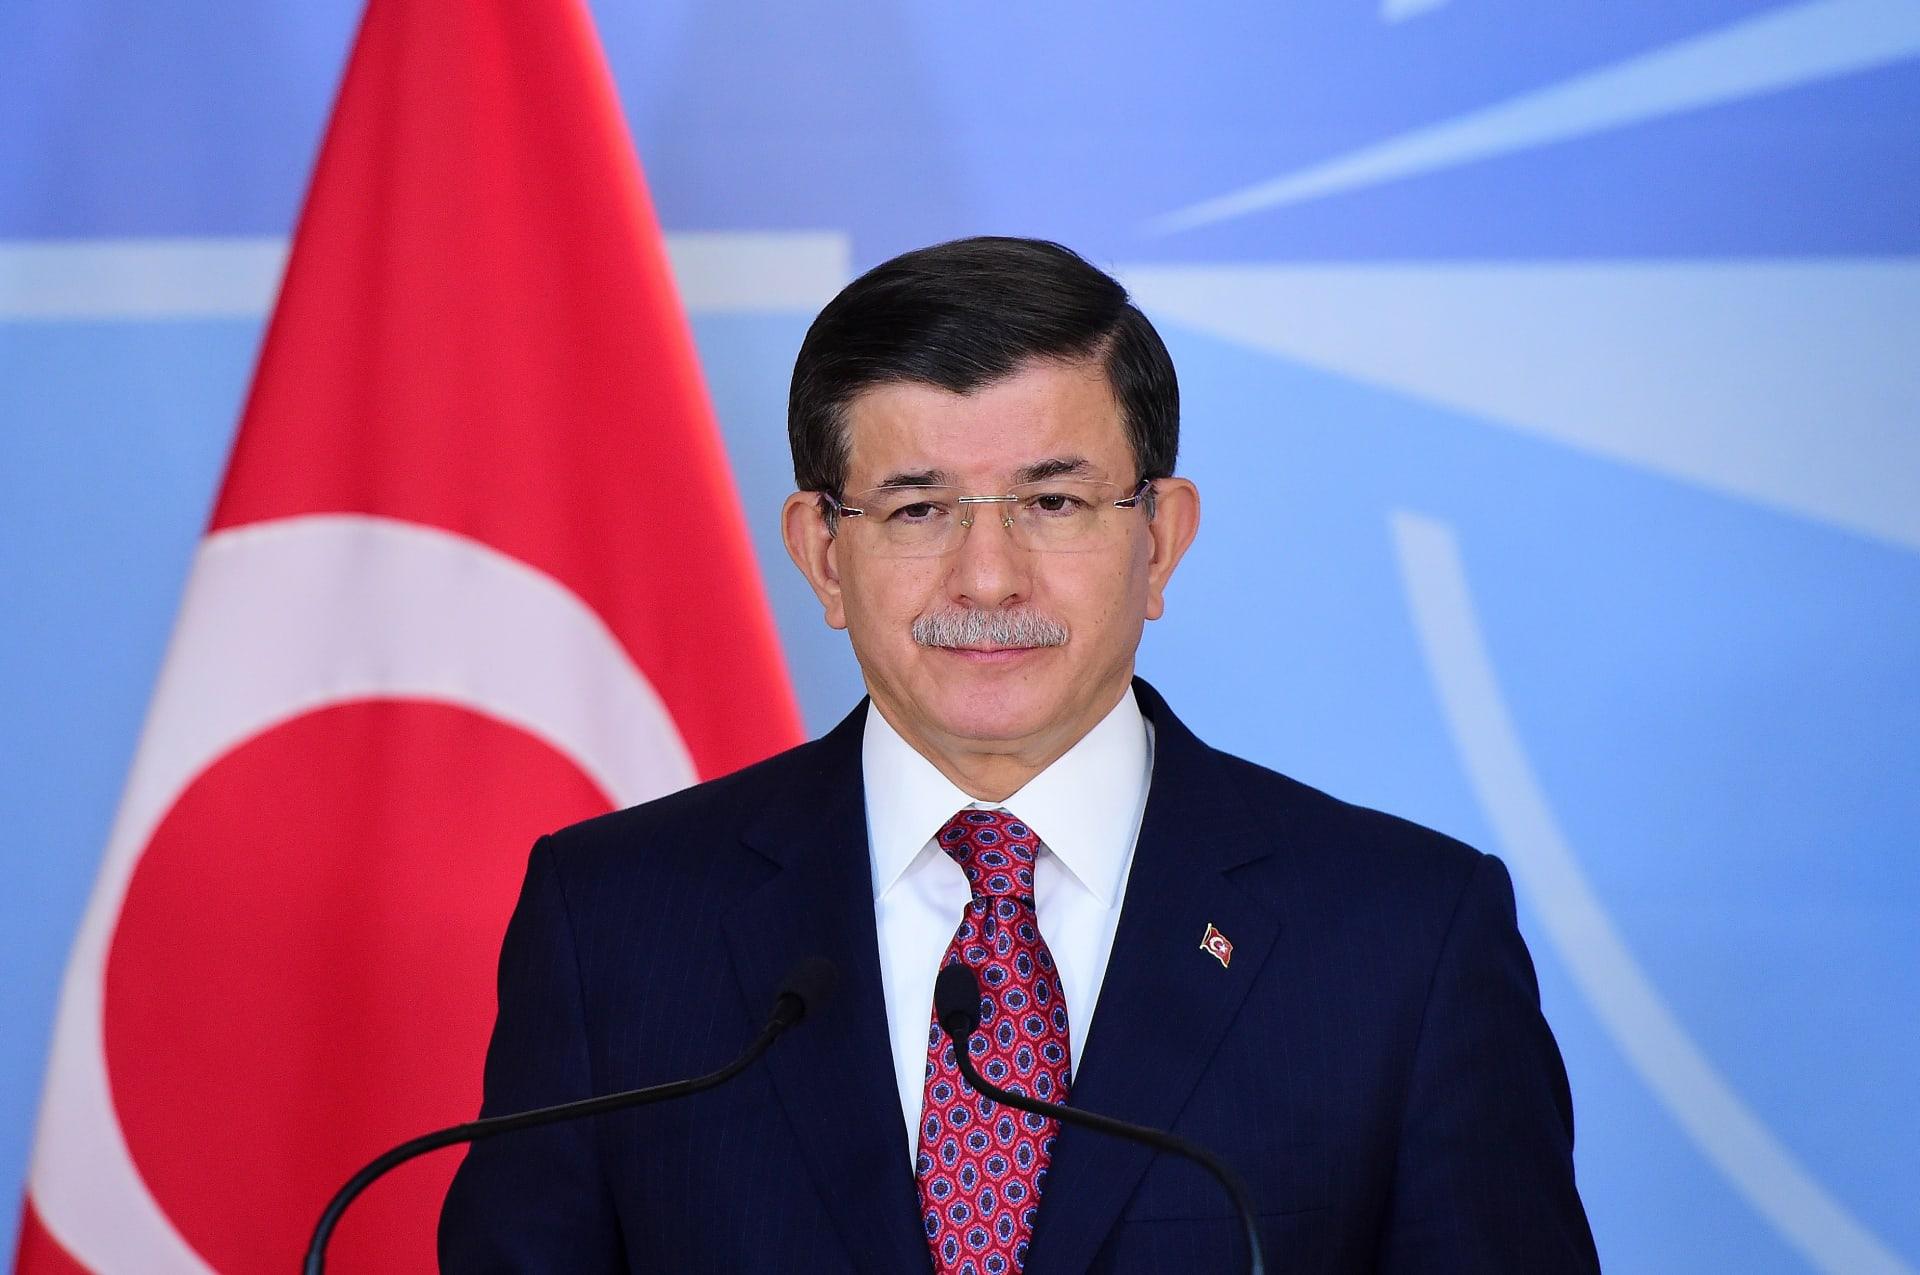 """أوغلو: تركيا ستوقف إرسال قواتها للعراق مراعاة لـ""""حساسيات"""" حكومة بغداد"""